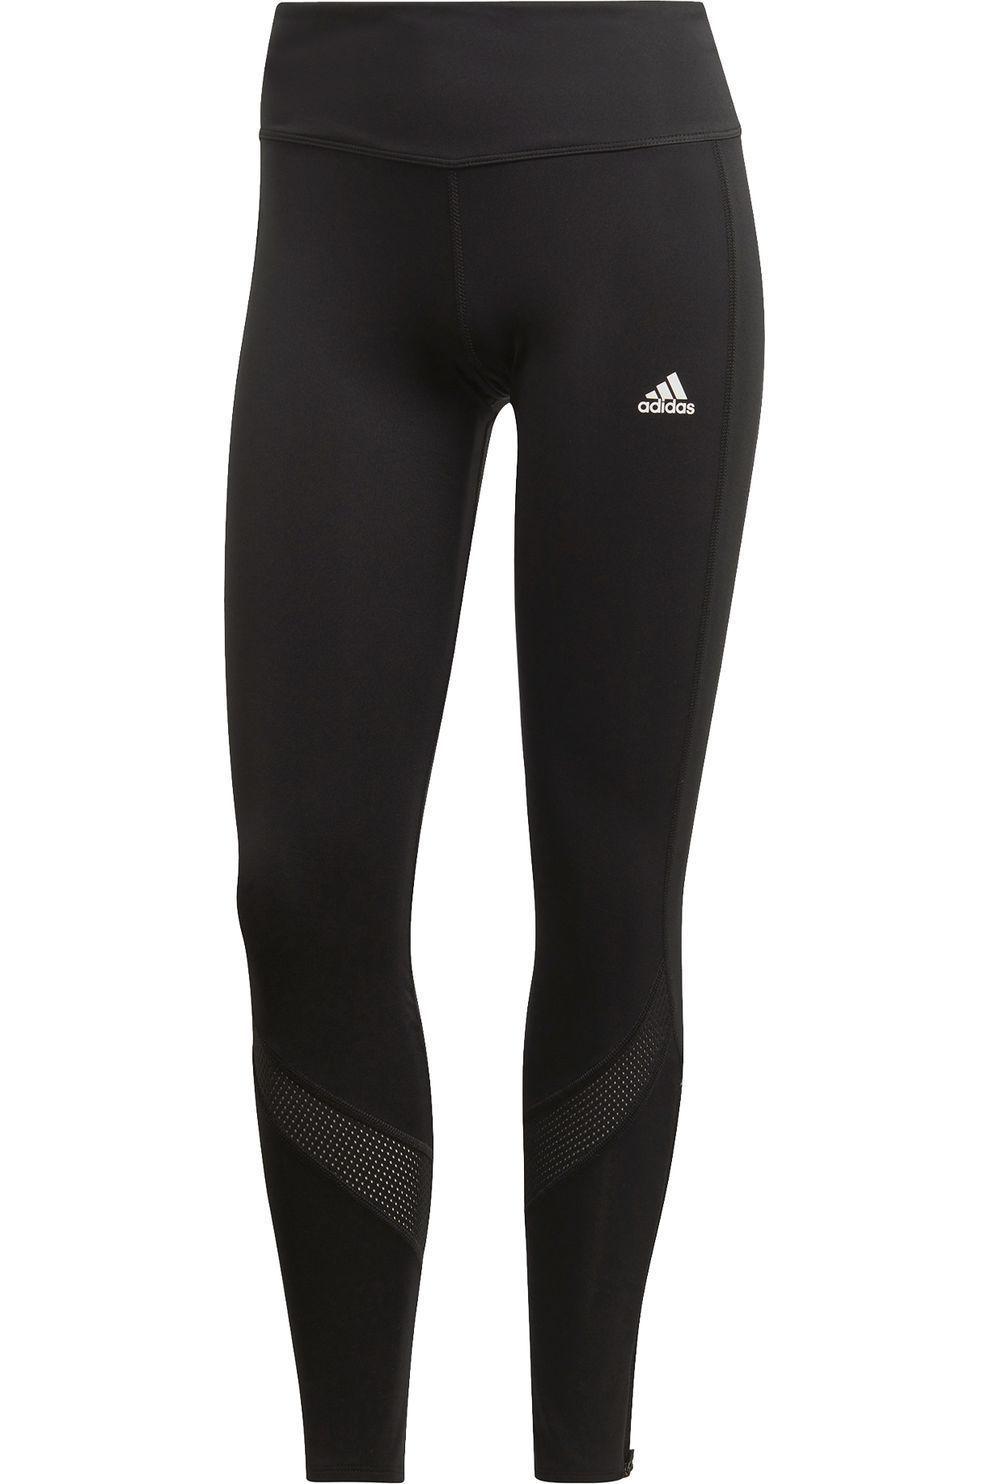 adidas Legging Own The Run voor dames - Zwart - Maten: S, M, L, XL